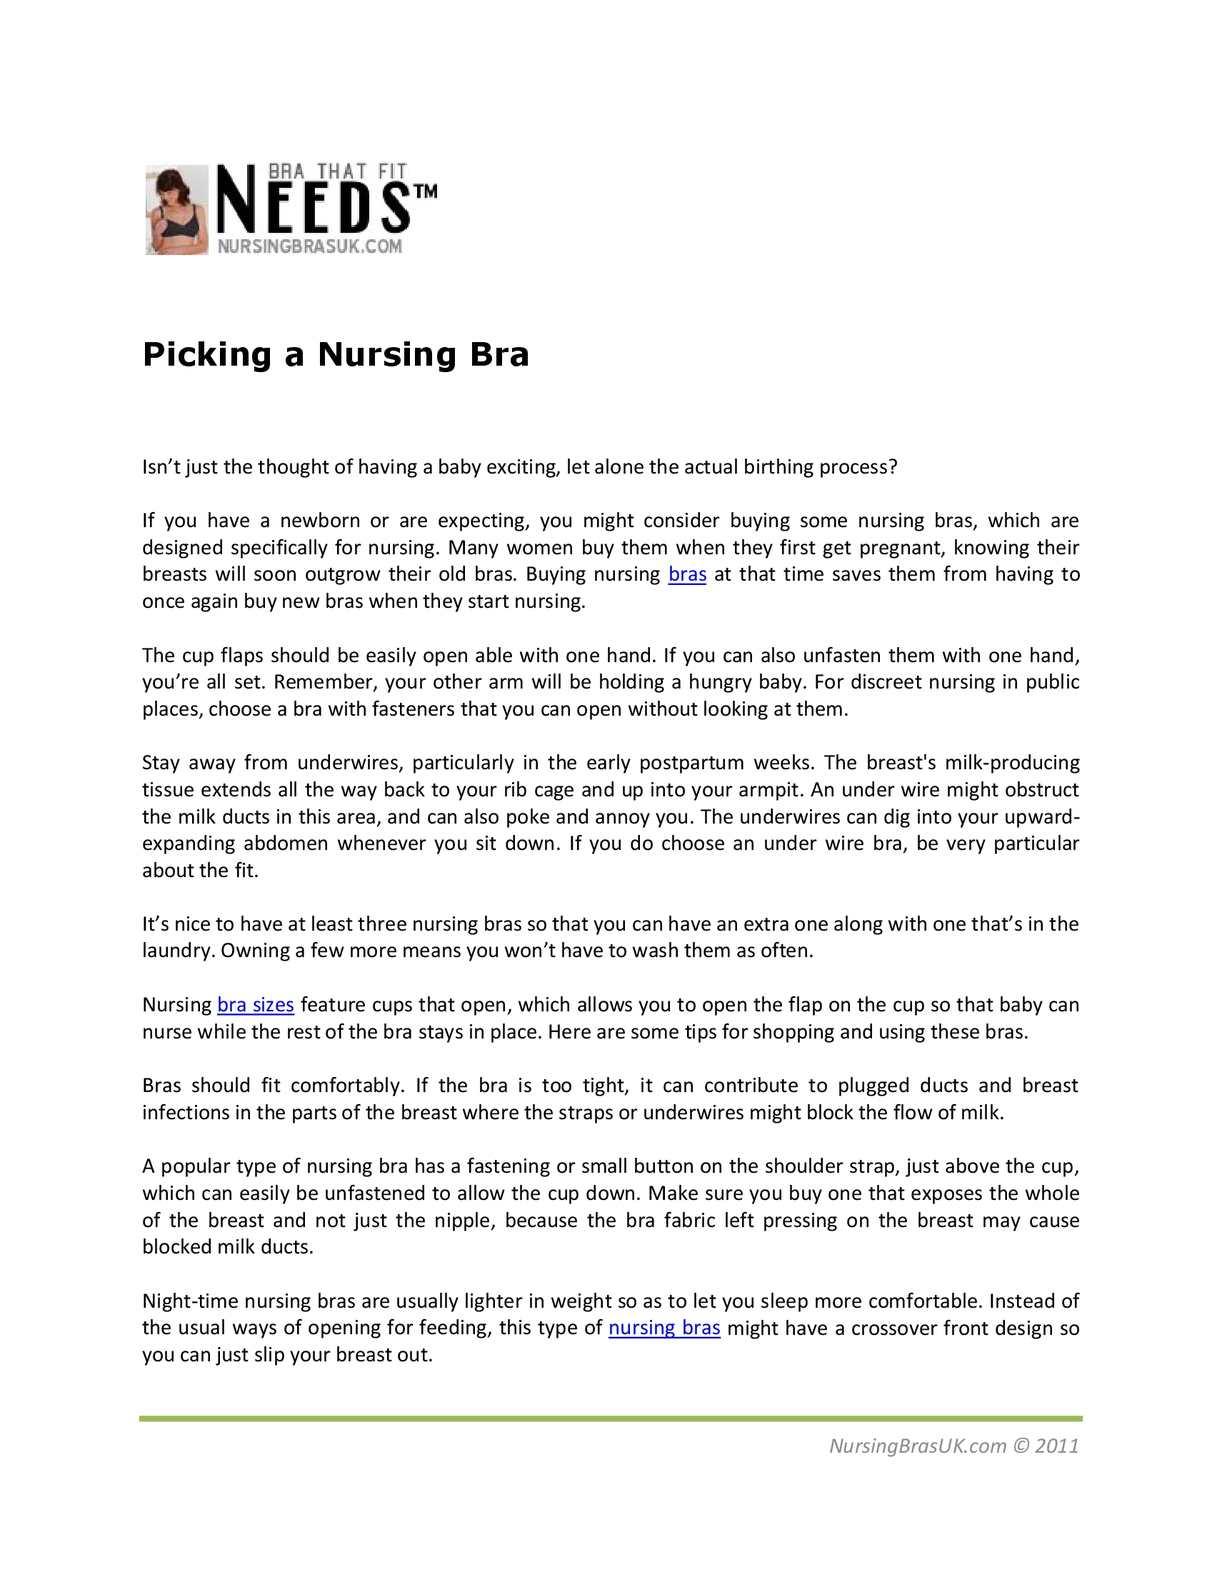 743e06bdc11 Calaméo - Picking a Nursing Bra